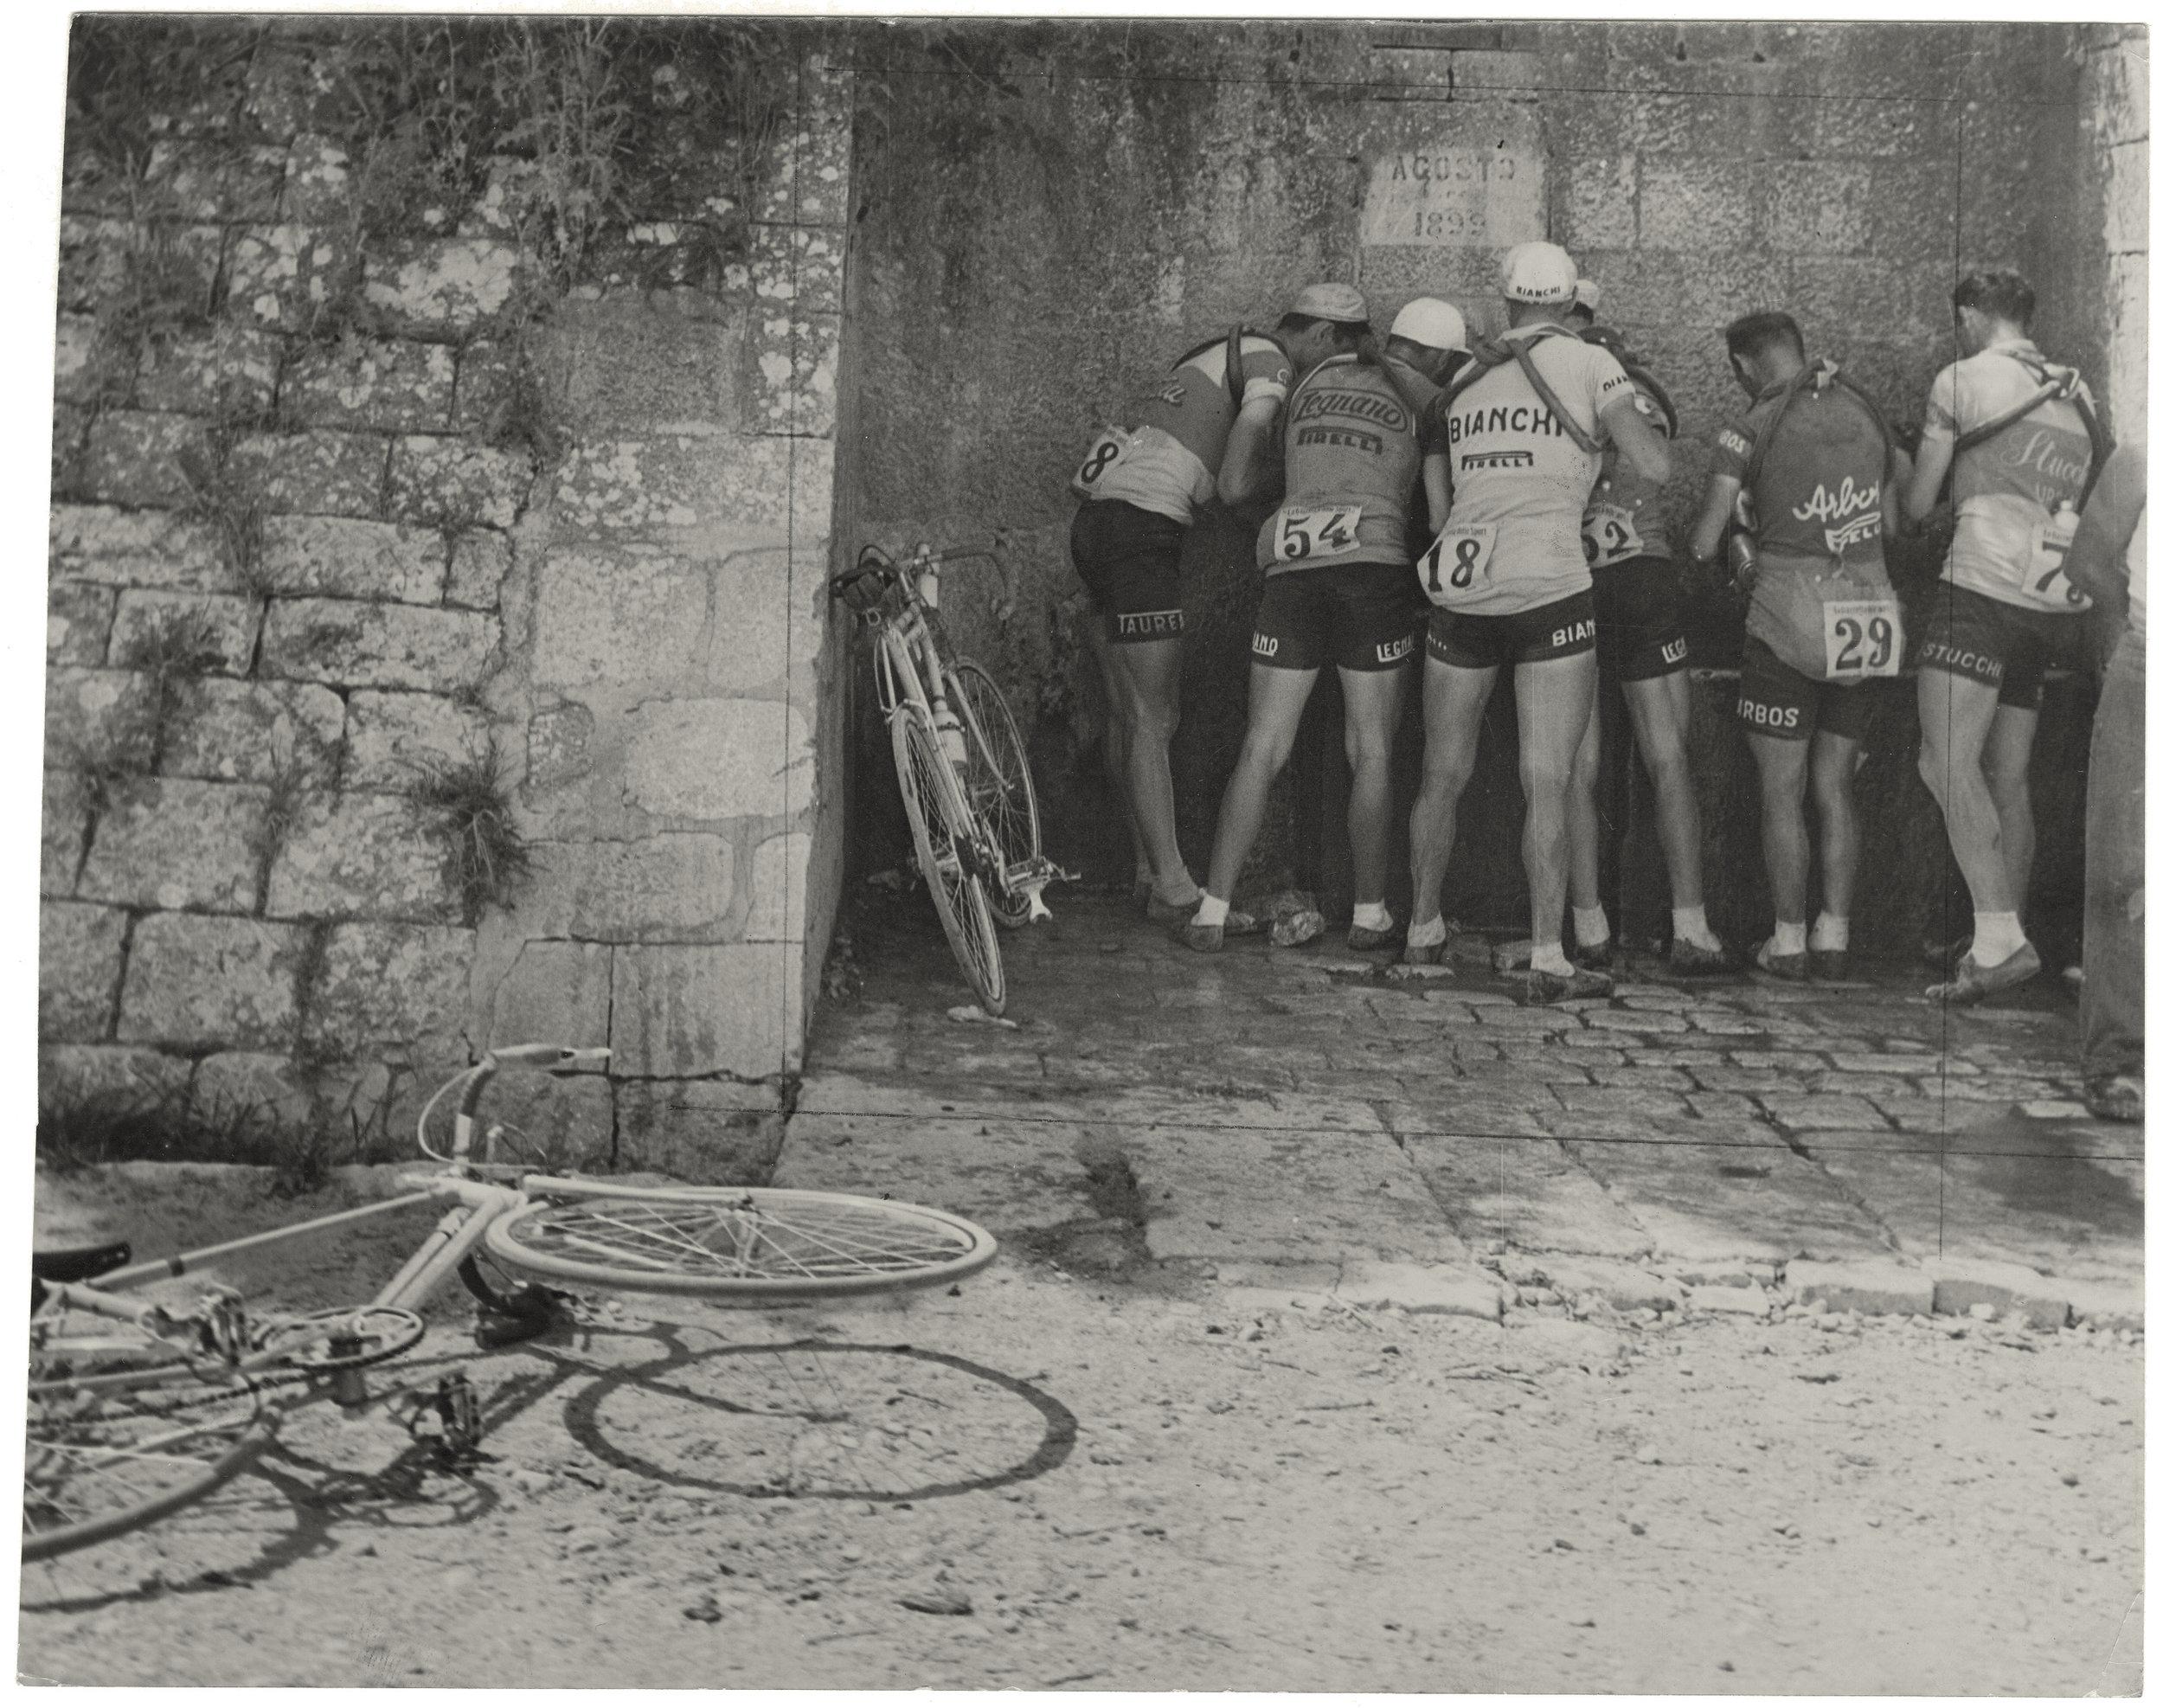 Giro d'Italia 1951. Decima tappa Foggia-Pescara , 1951, fotografia, 23 x 18 cm, courtesy (Archivio Storico della Città di Torino, Fondo «Gazzetta del Popolo»)